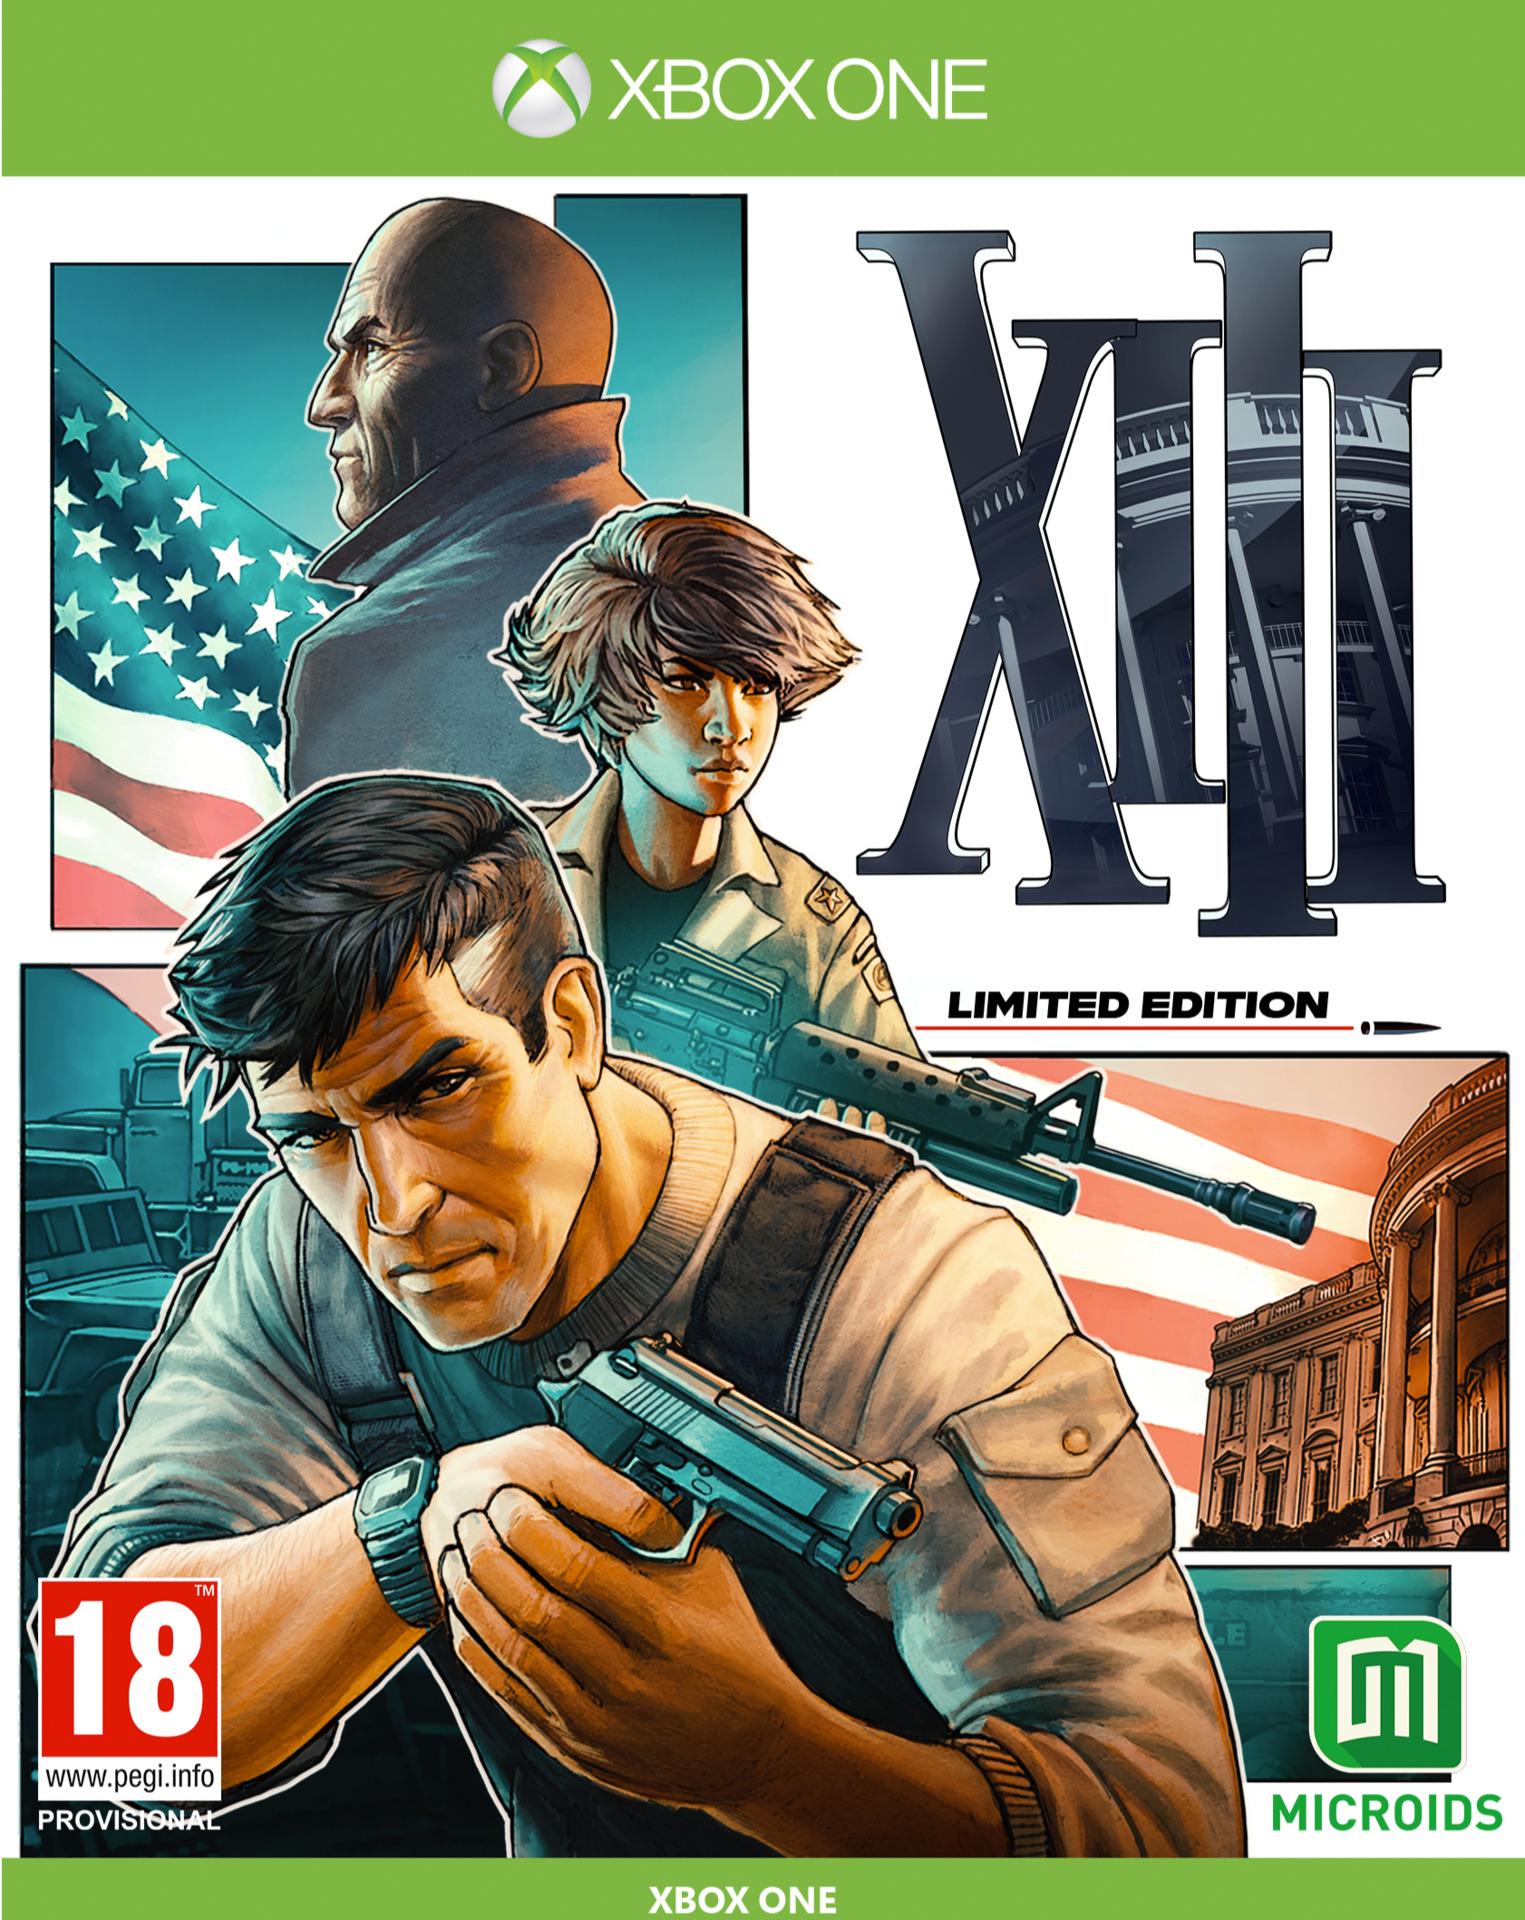 XIII - Limited Edition (XONE)